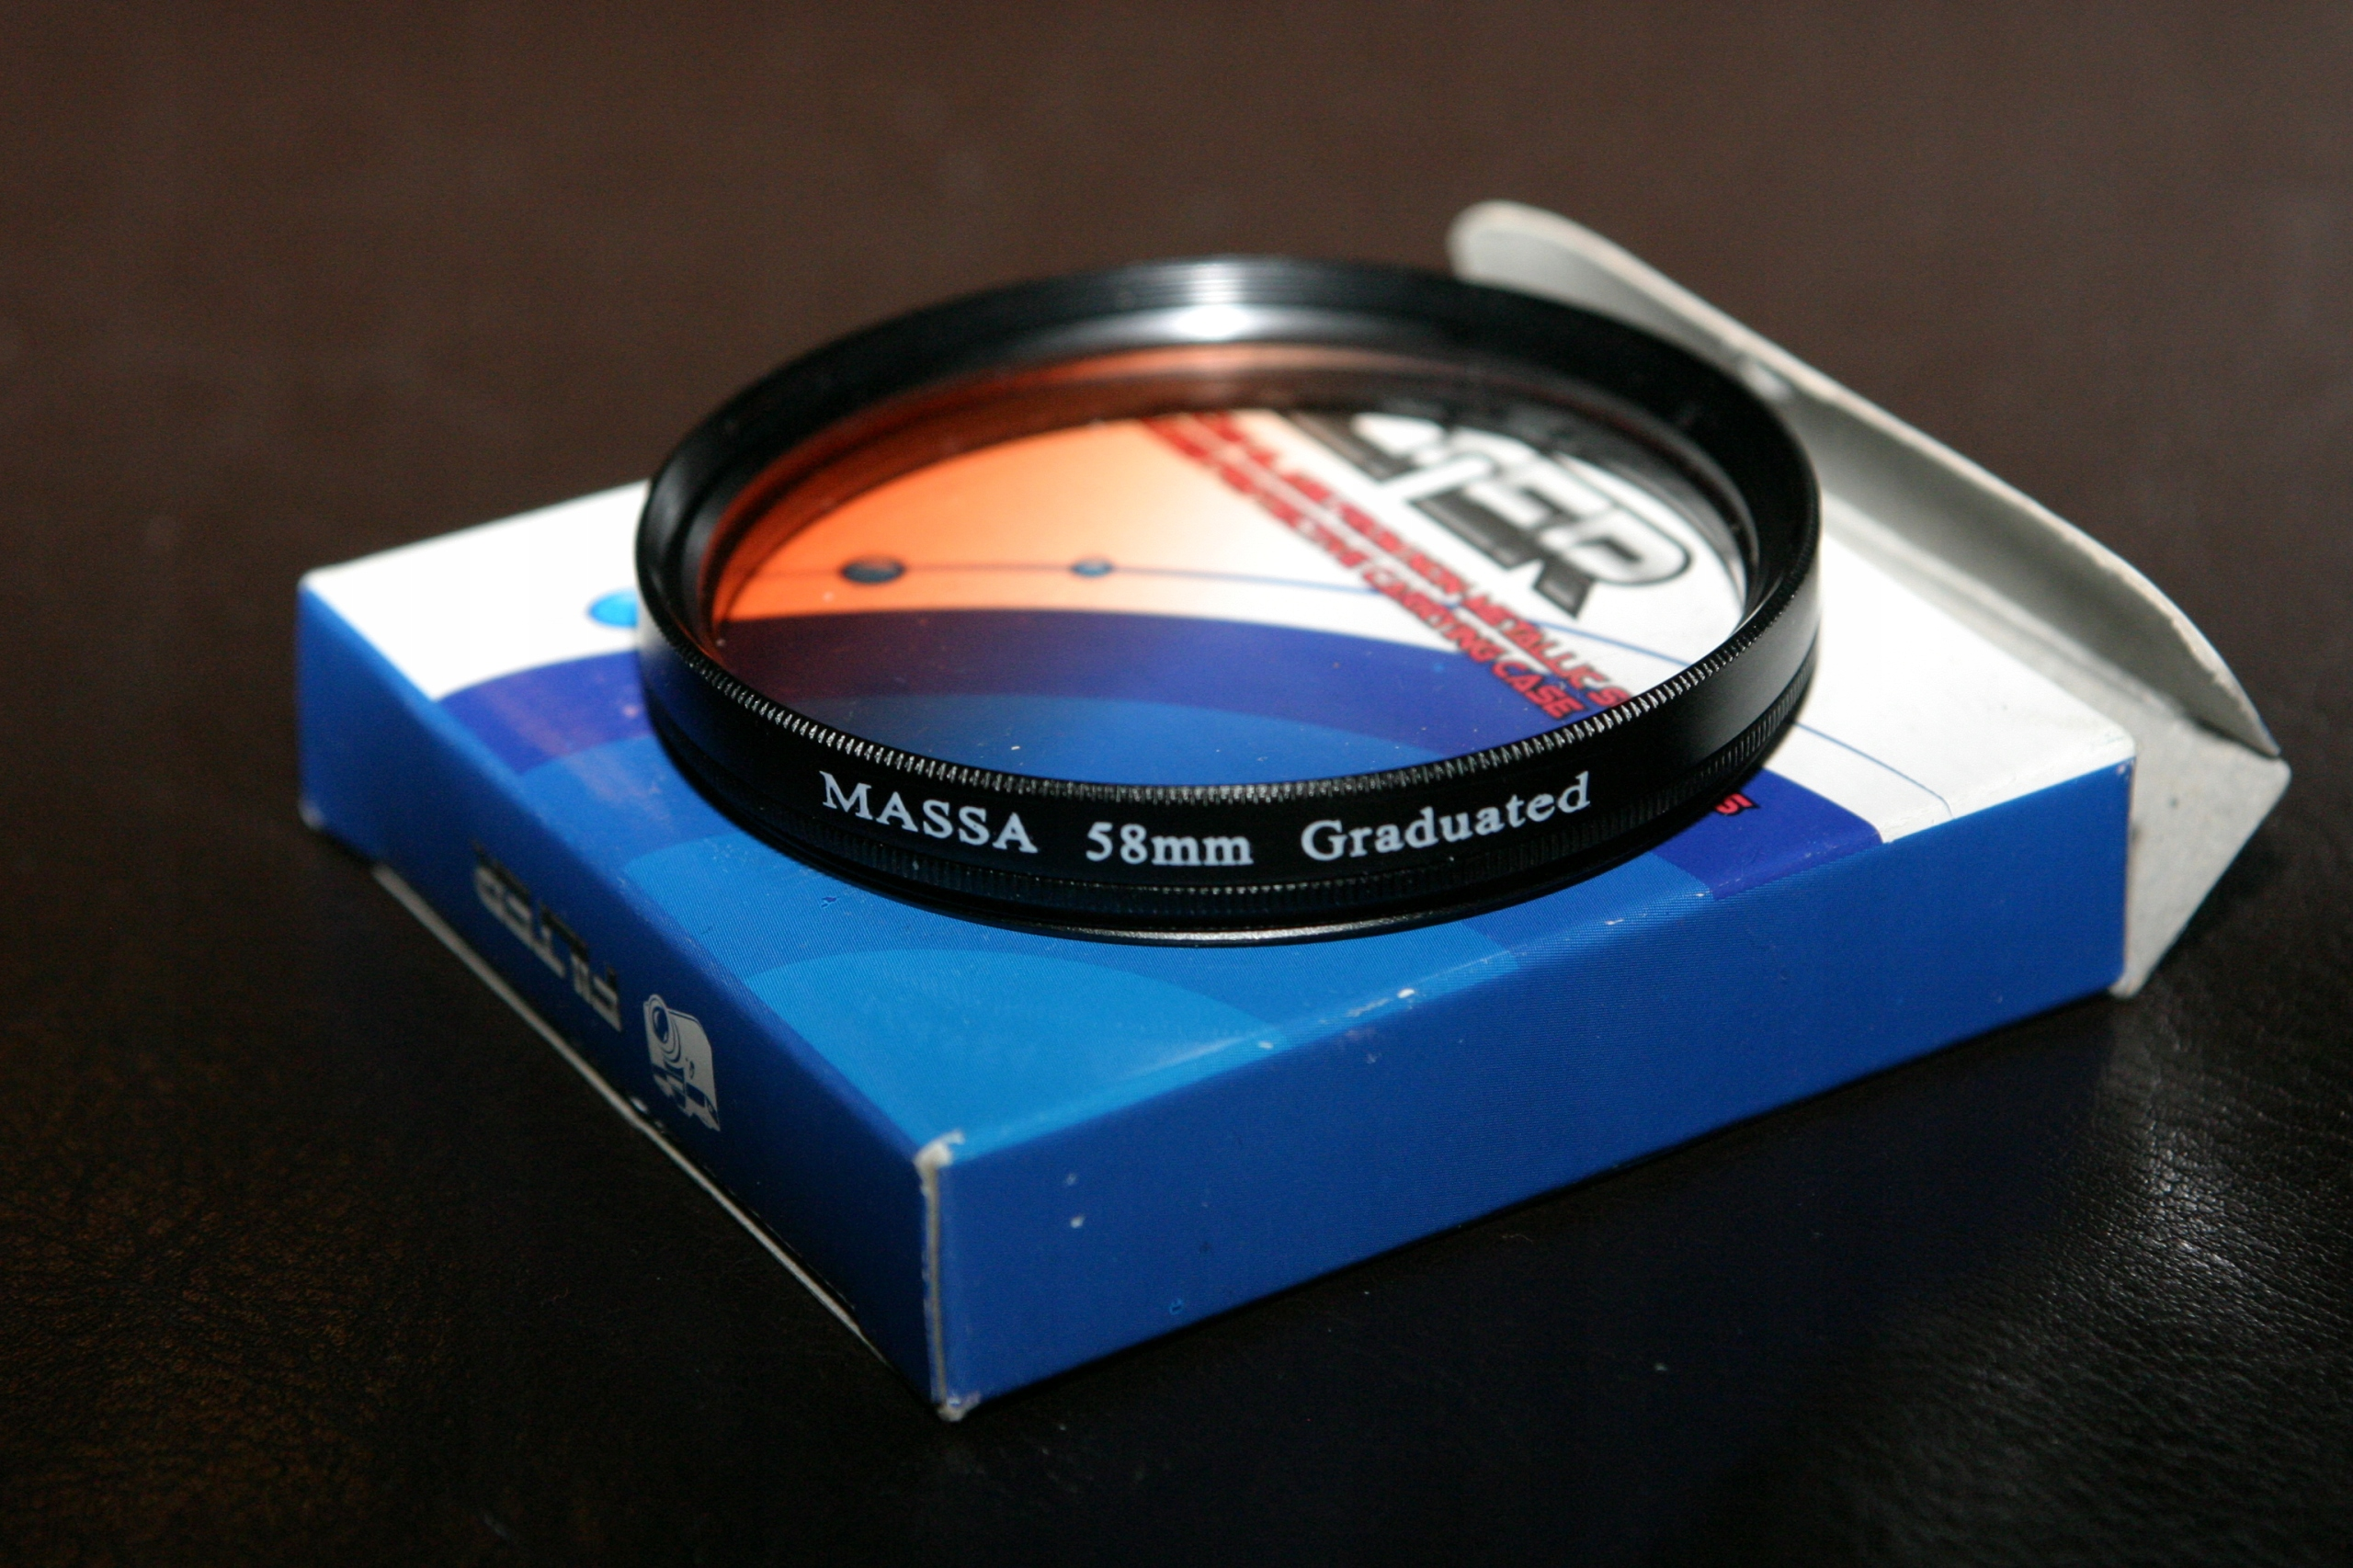 Massa Graduated 58mm połówkowy tabaczkowy